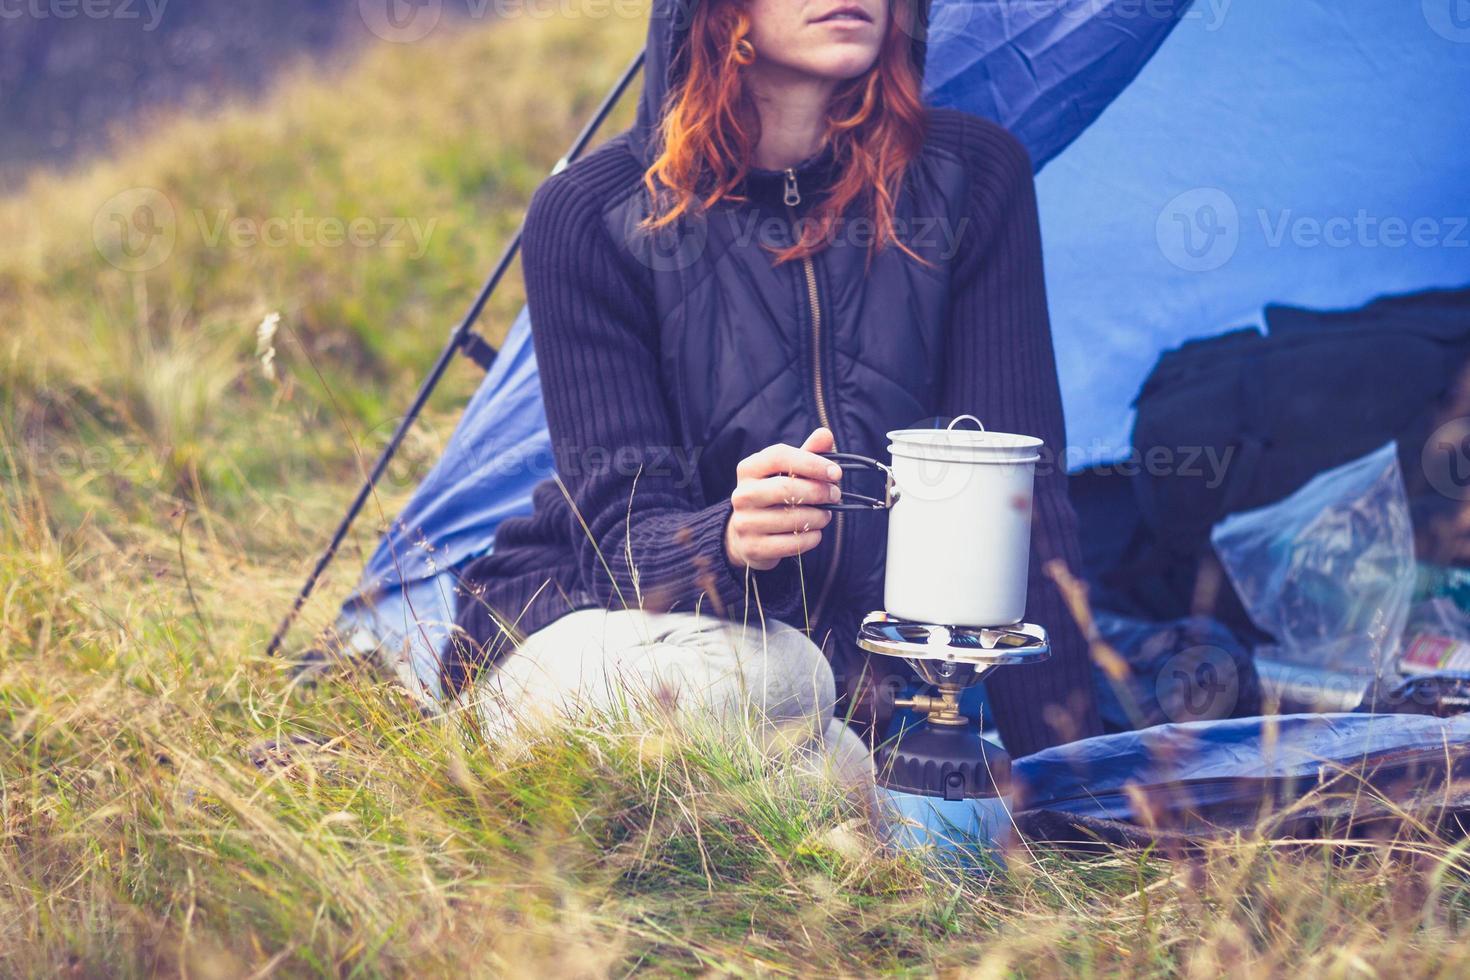 een vrouw die kookt met een draagbaar gasfornuis tijdens het kamperen foto